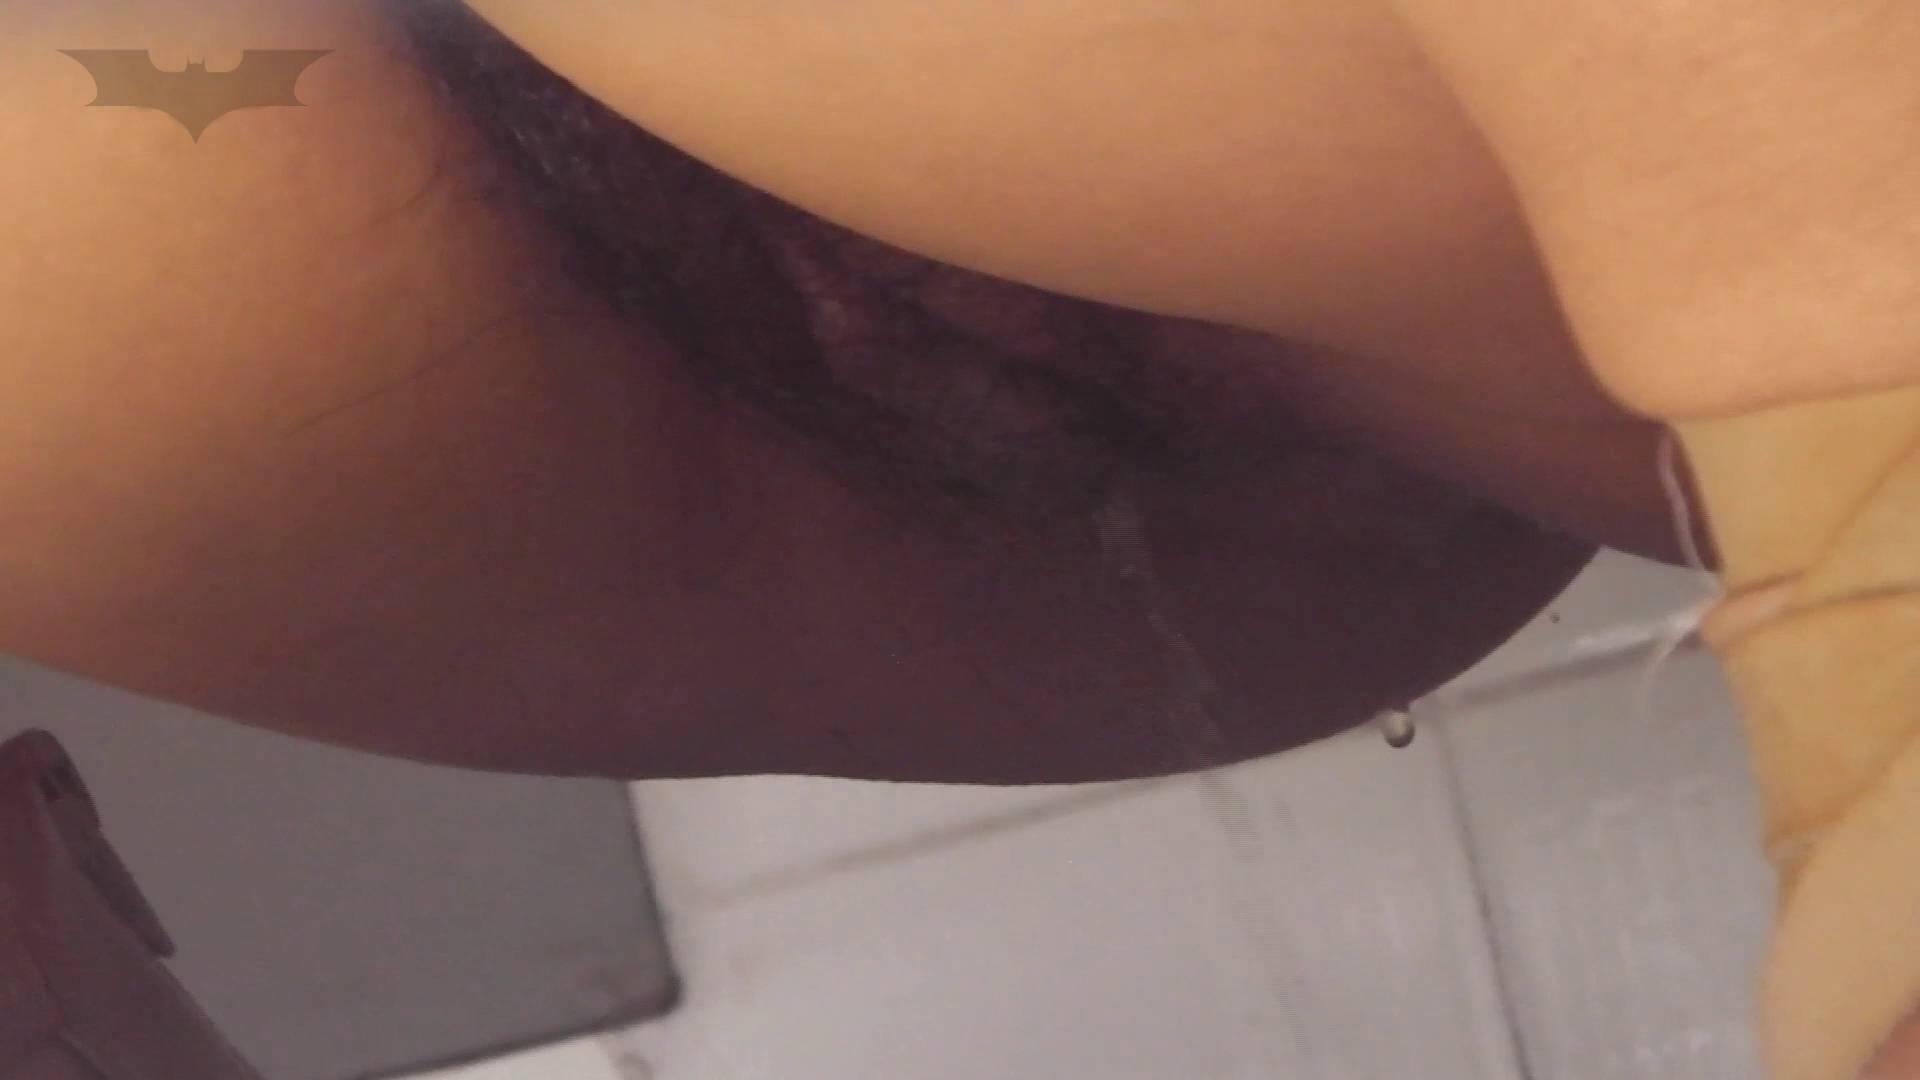 潜入!!台湾名門女学院 Vol.05 15センチ以上の濃厚糸を垂らしながら爽快 美女のボディ  82PIX 4